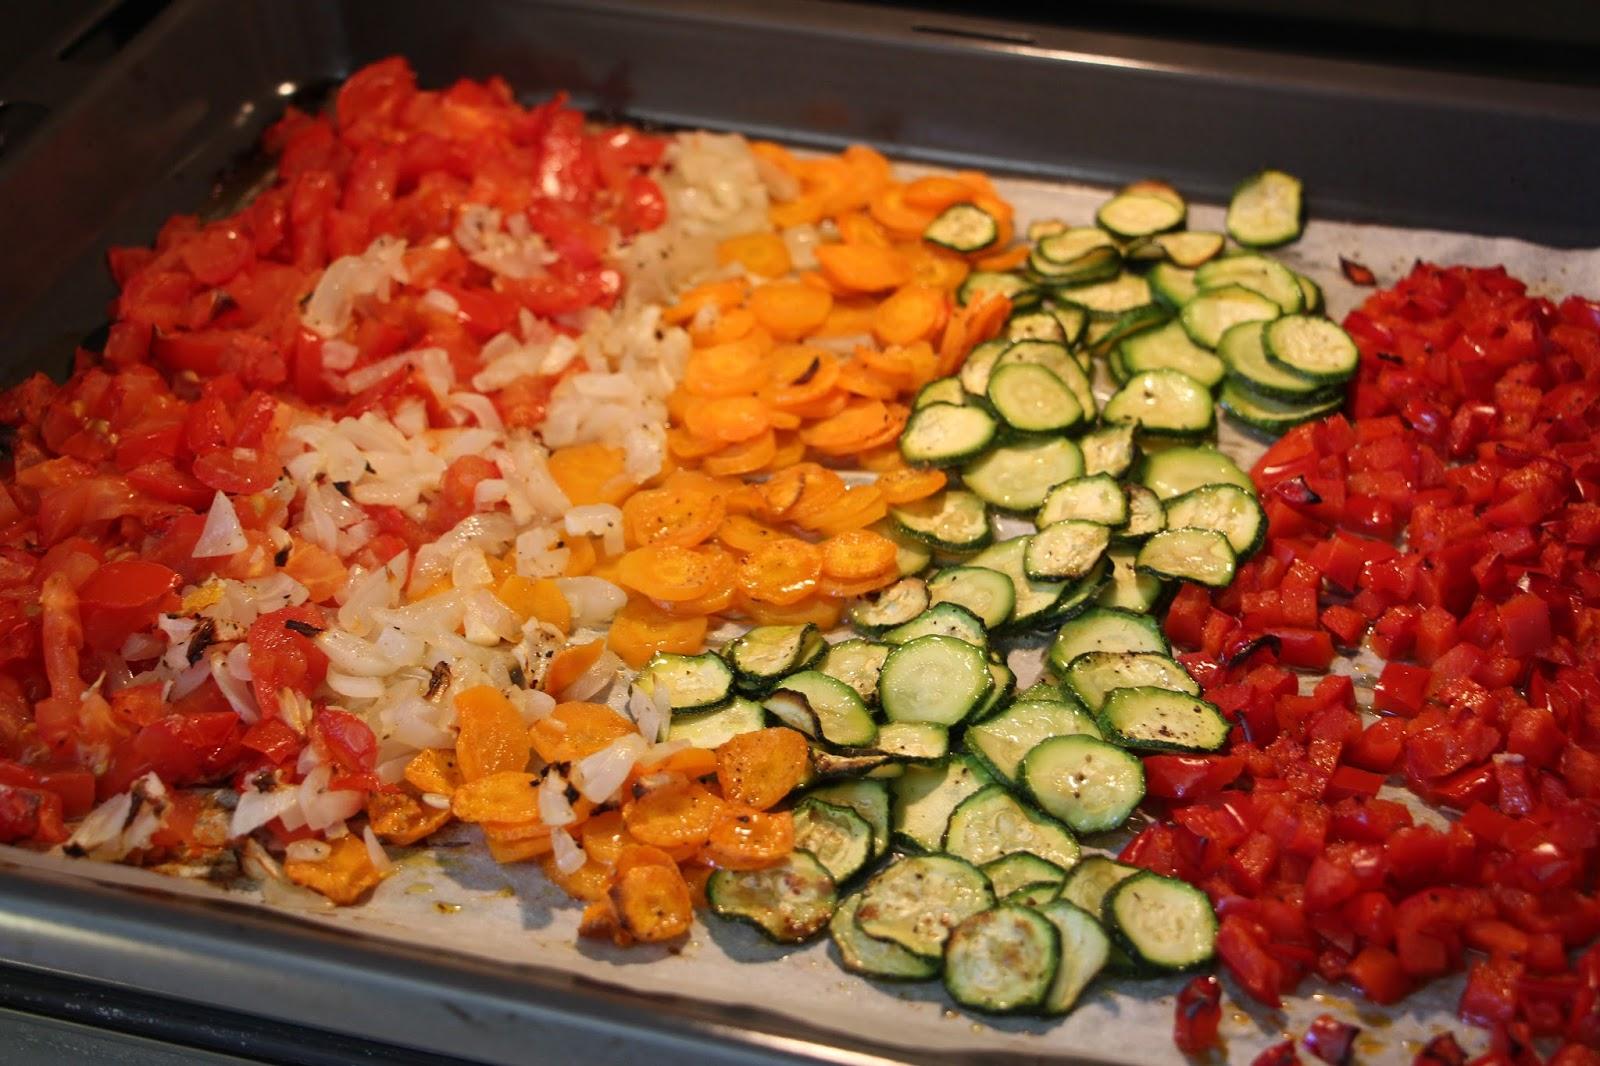 Millet aux l gumes grill s recette v g tale et sans gluten la f e st phanie - Recette legumes grilles au four ...